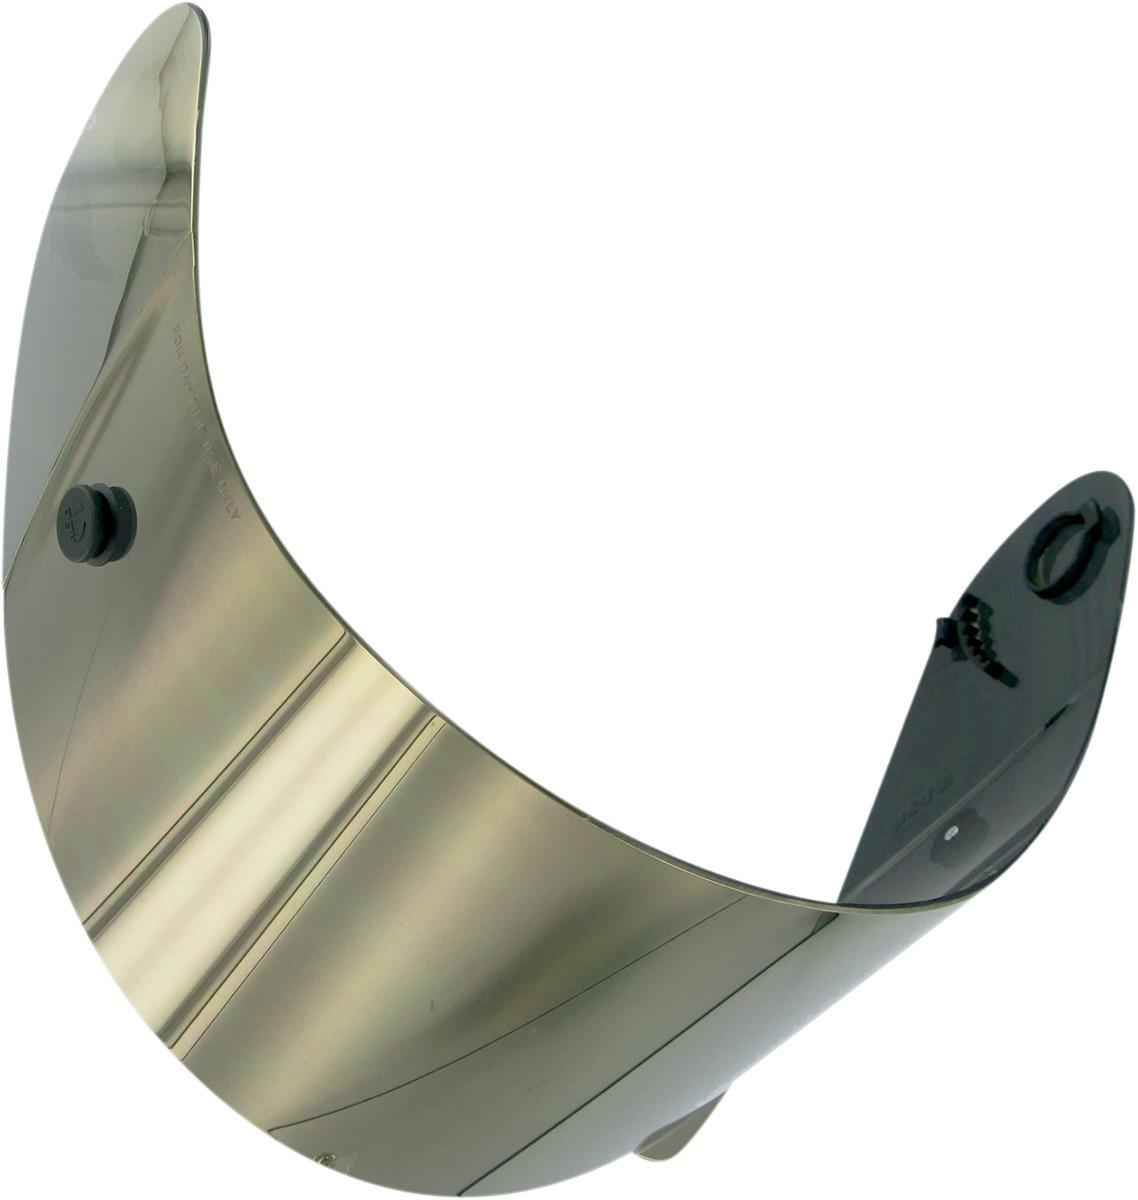 AGV KV0A6N1003 Pista Iridium Gold Shield